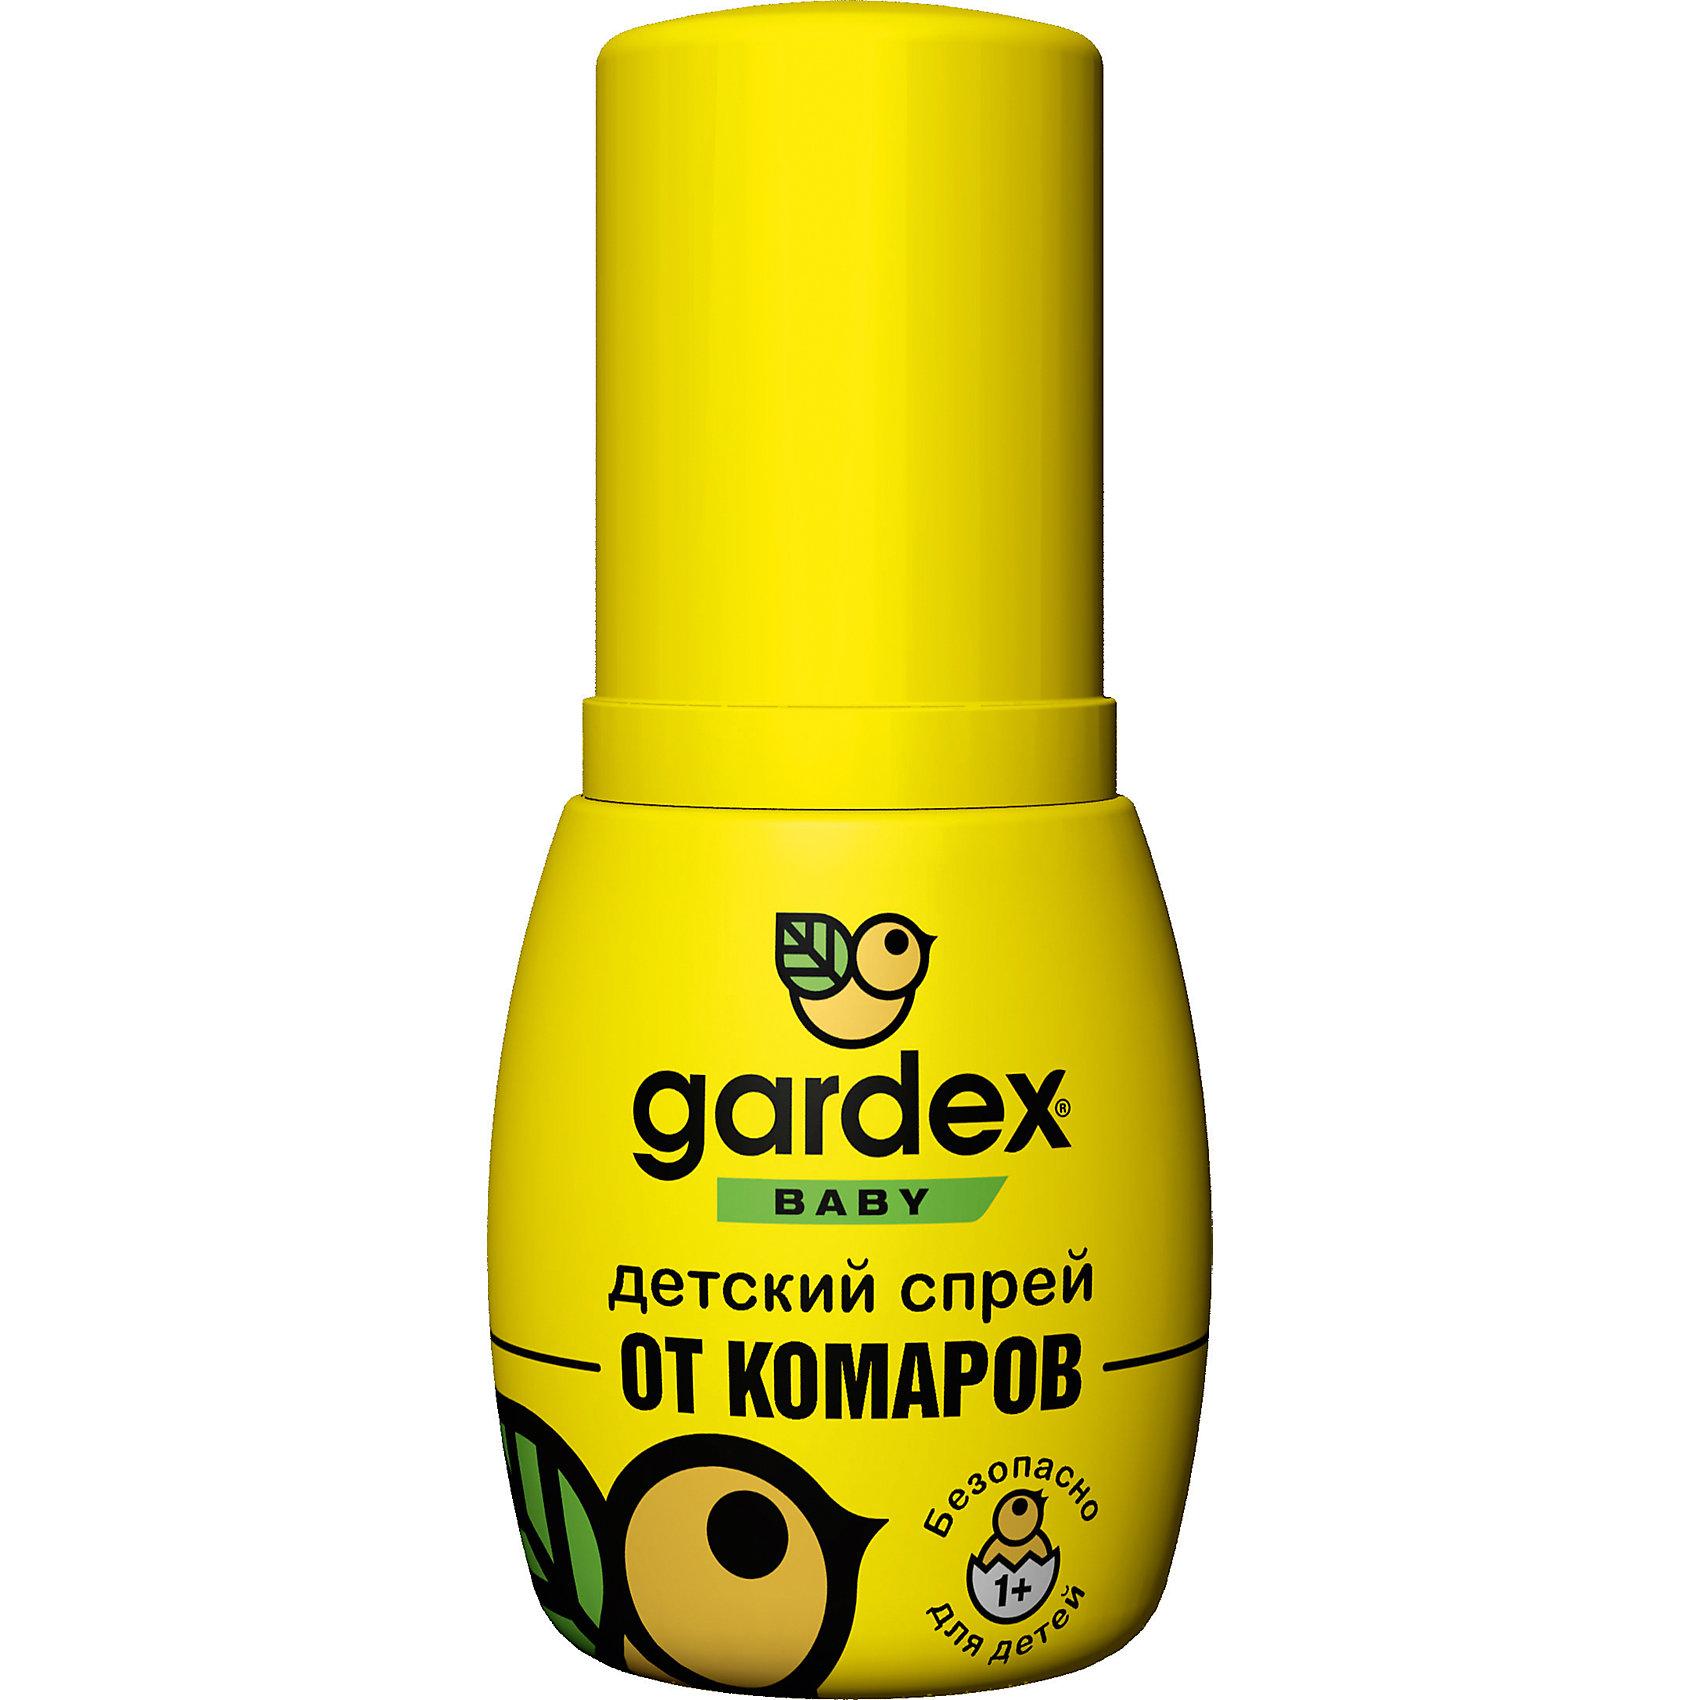 Спрей от комаров, с 1 года, 50 мл, Gardex BabyСредства защиты от солнца и насекомых<br>• На основе действующего вещества нового поколения –<br>разработка фармацевтического концерна Bayer<br>• Надежная защита для детей от 1 года<br>• Идеально подходит для детской кожи<br><br>Ширина мм: 45<br>Глубина мм: 35<br>Высота мм: 105<br>Вес г: 75<br>Возраст от месяцев: 12<br>Возраст до месяцев: 2147483647<br>Пол: Унисекс<br>Возраст: Детский<br>SKU: 5575714